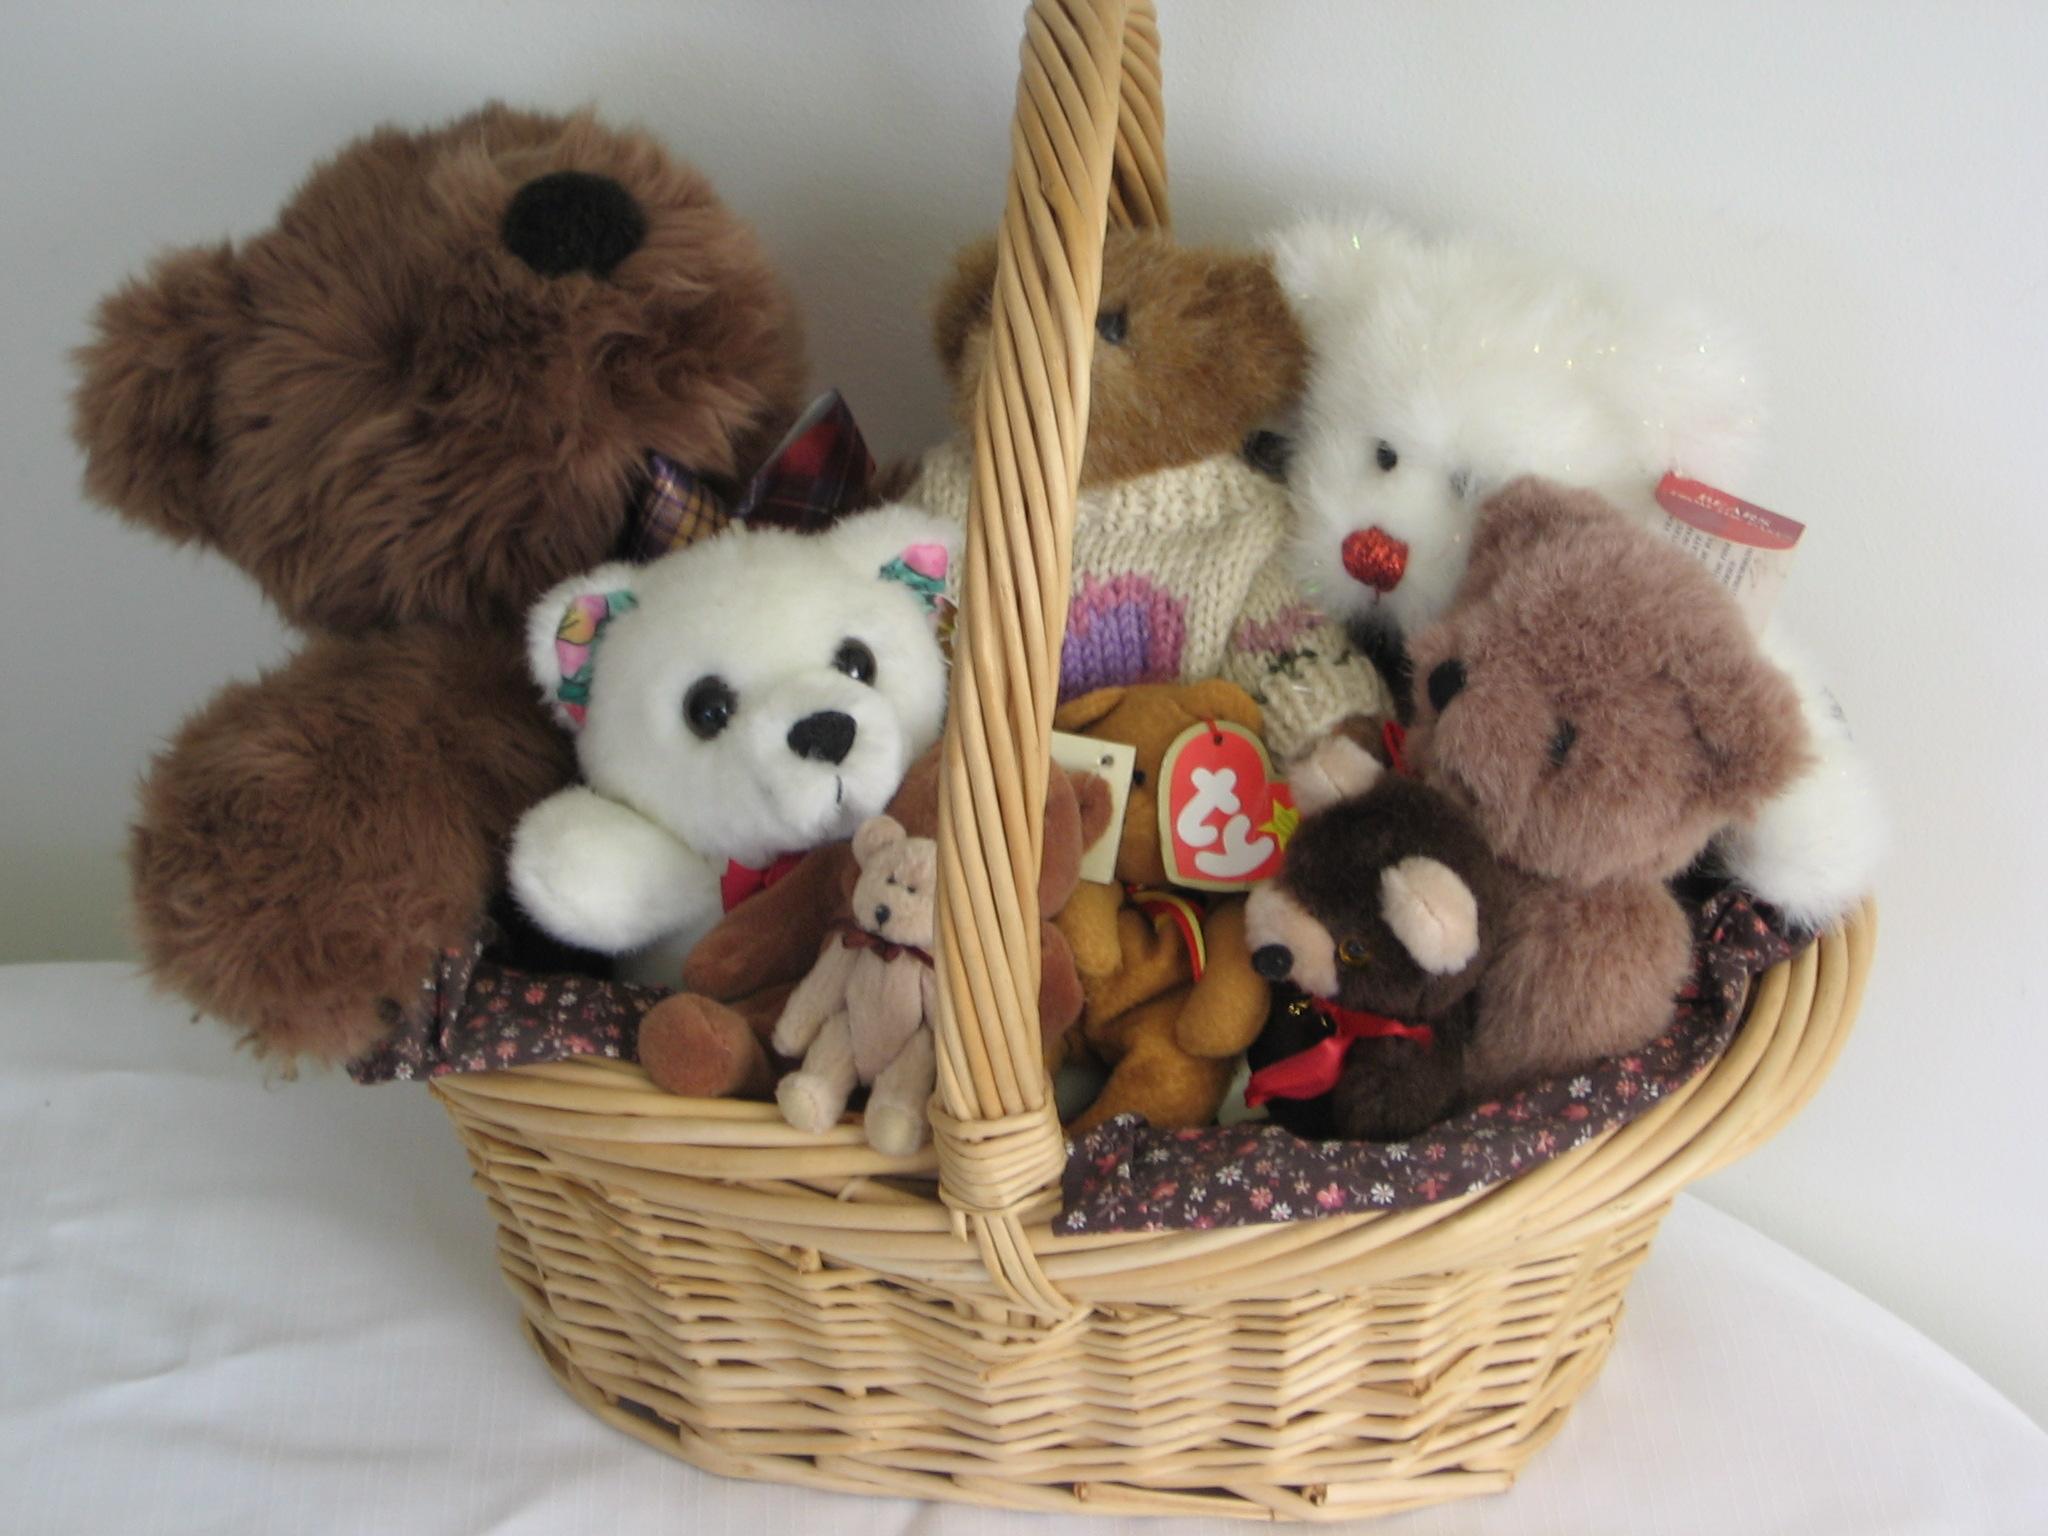 Teddy In A Cute Basket